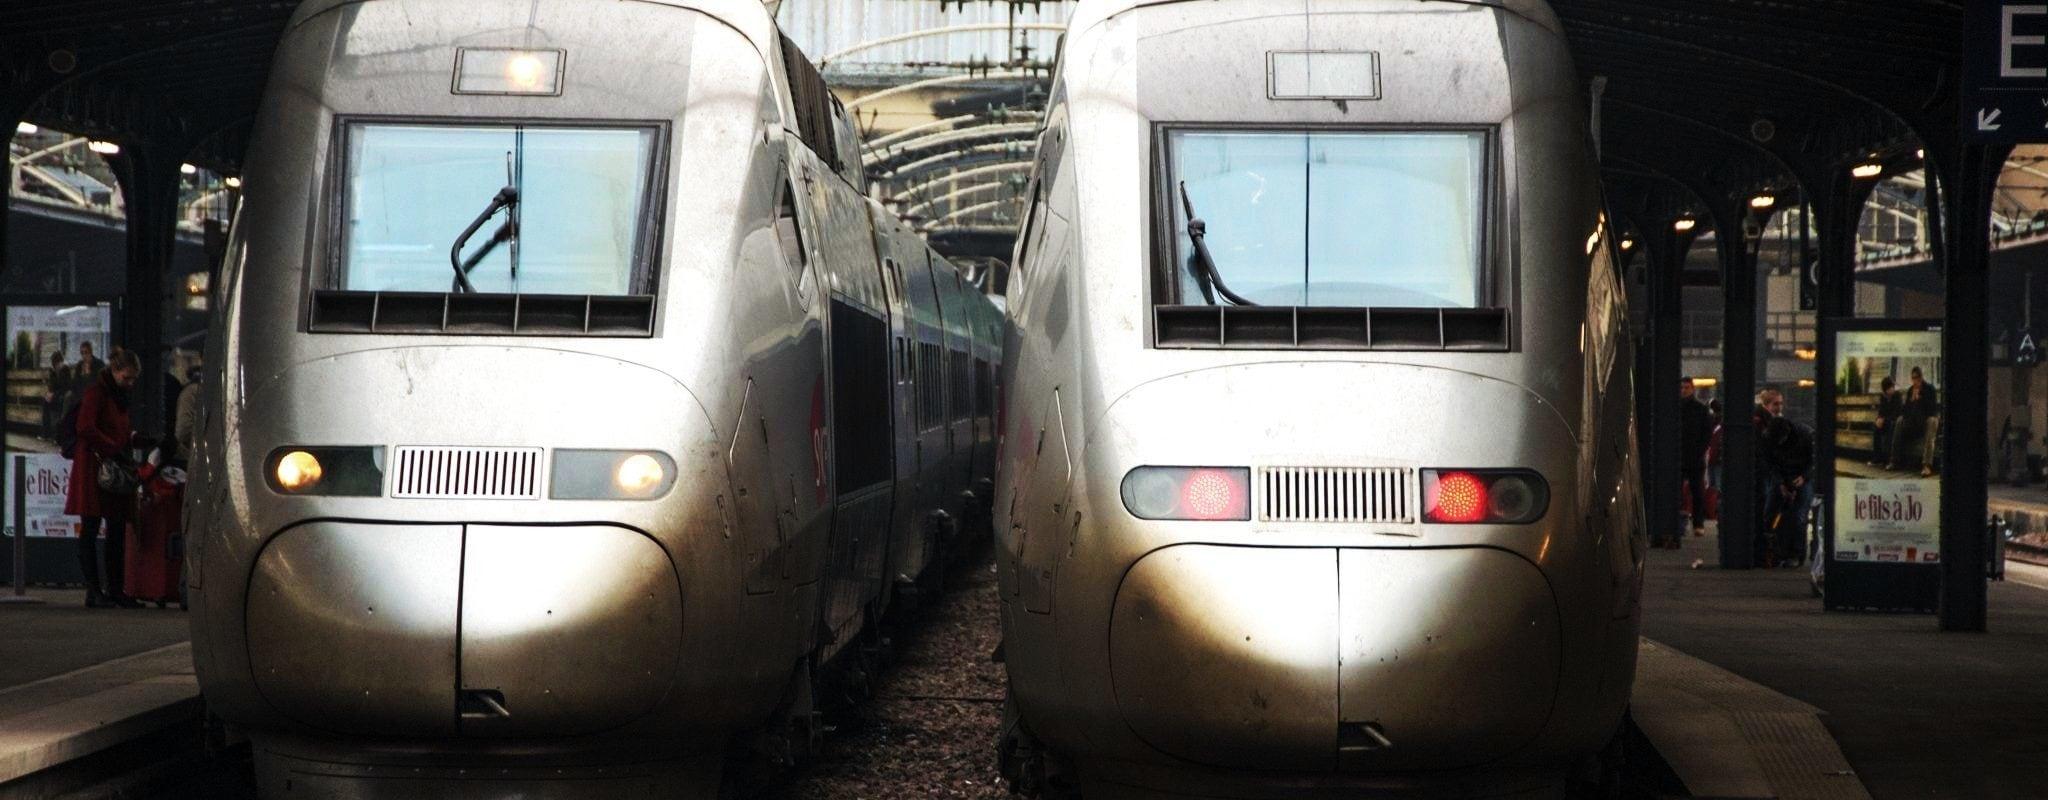 Panne à la Gare de l'Est, circulation des TGV très perturbée jeudi après-midi